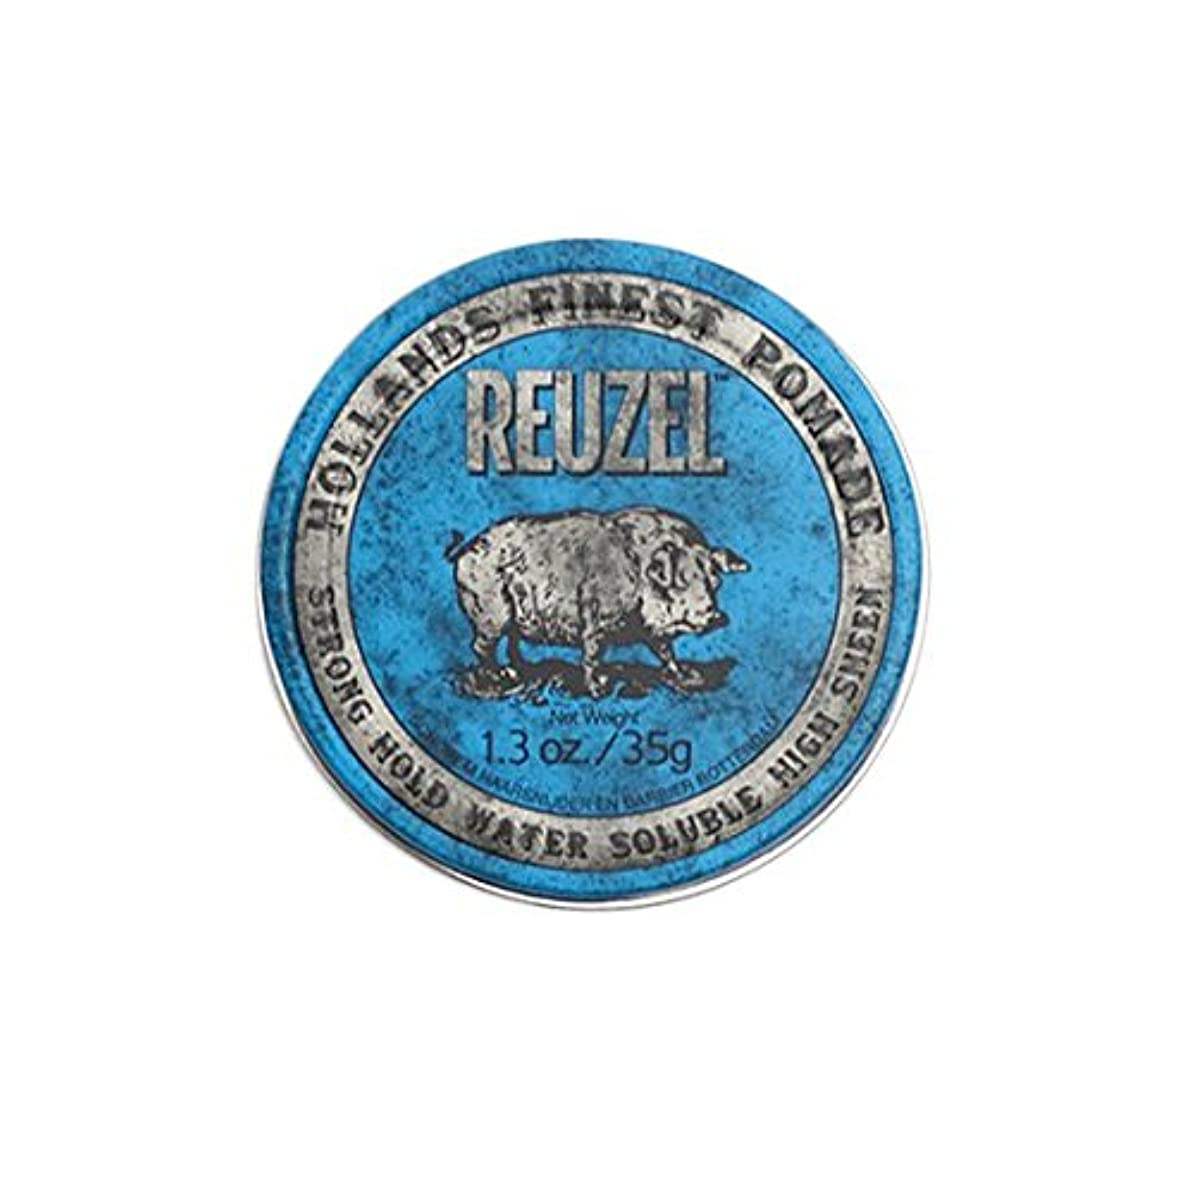 狂信者バラエティ本質的ではないルーゾー REUZEL STRONG HOLD HIGH SHEEN ストロングホールド ブルー 35g